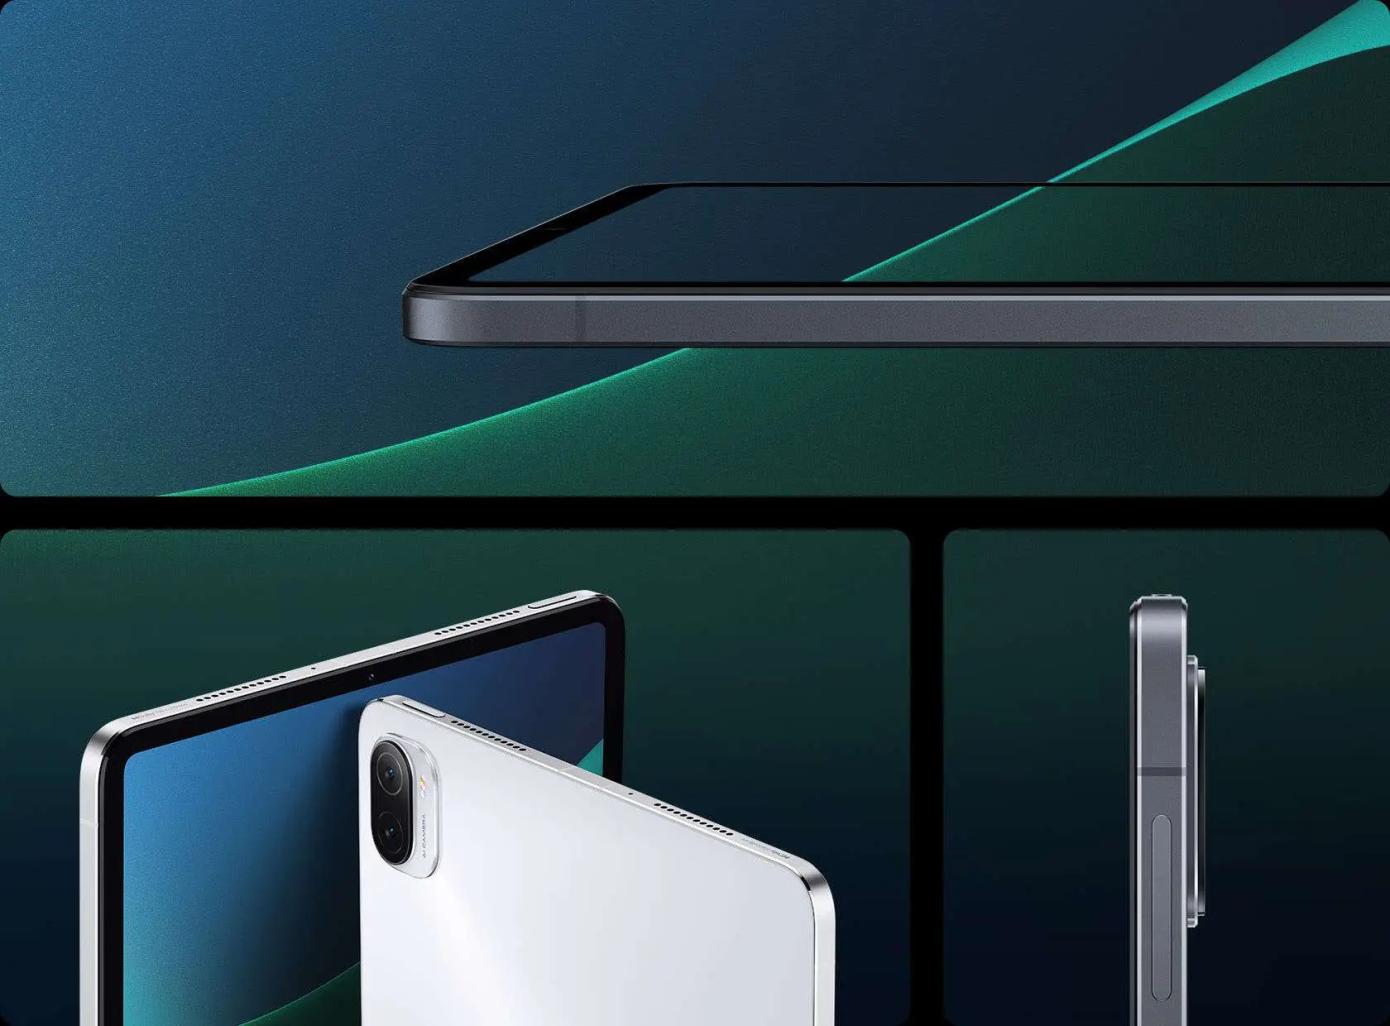 Itogi Prezentaczii Xiaomi 20